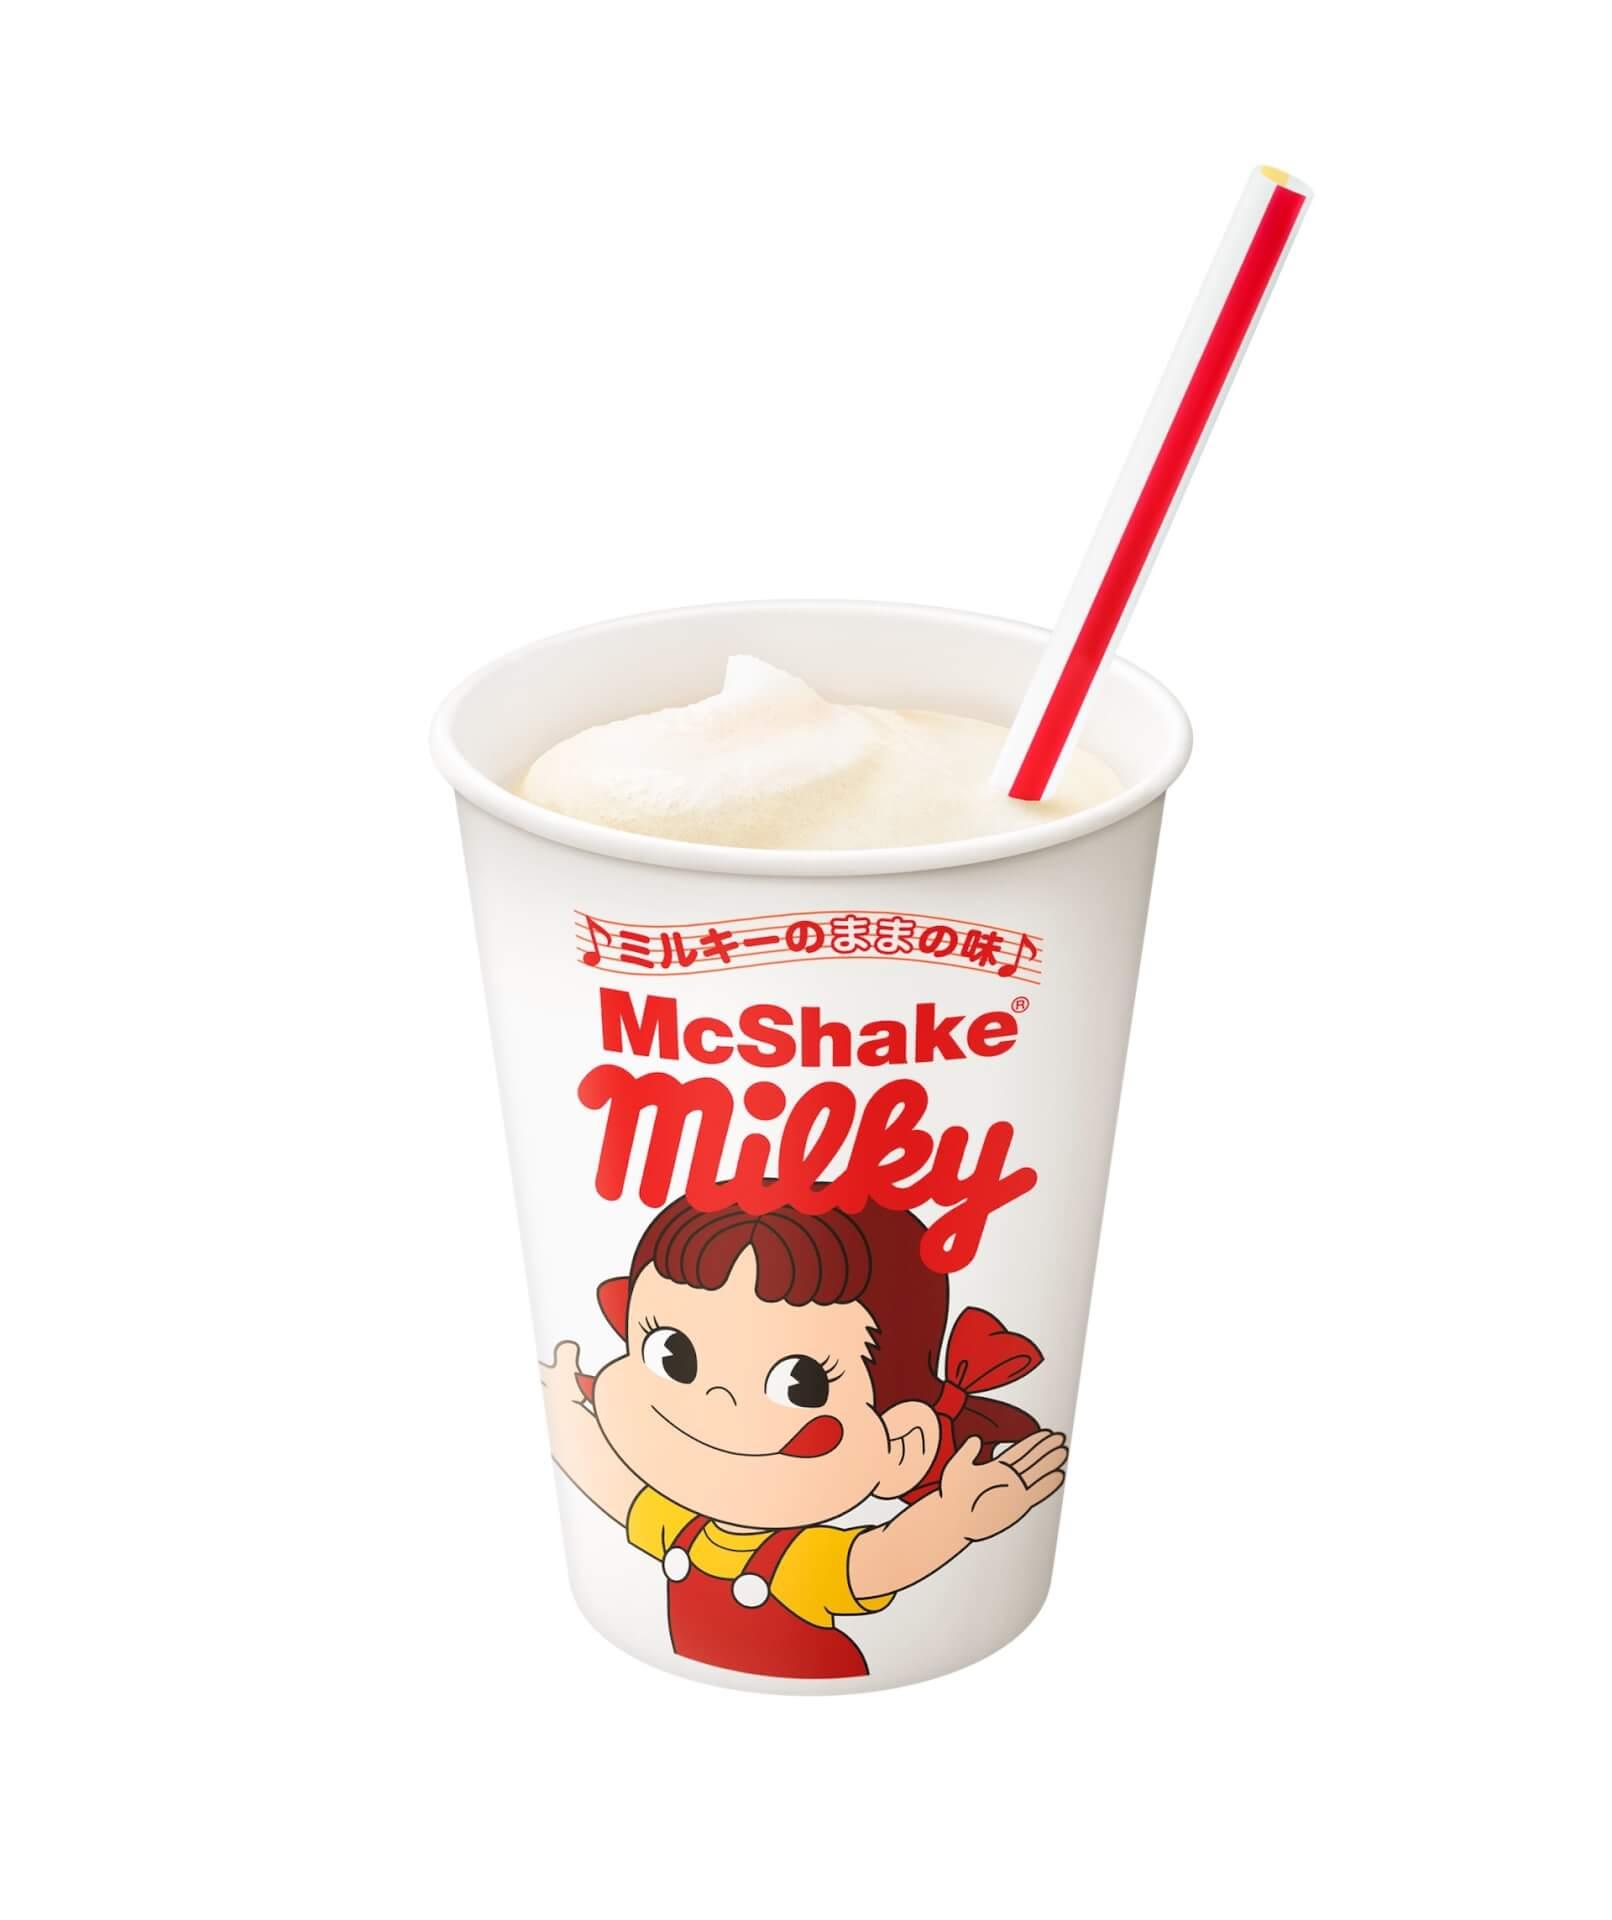 ミルキーの味のままのマックシェイクがマクドナルドから登場!「ワッフルコーン いちごミルキーのままの味」も期間限定で発売 gourmet210414_mcdonald_shake_5